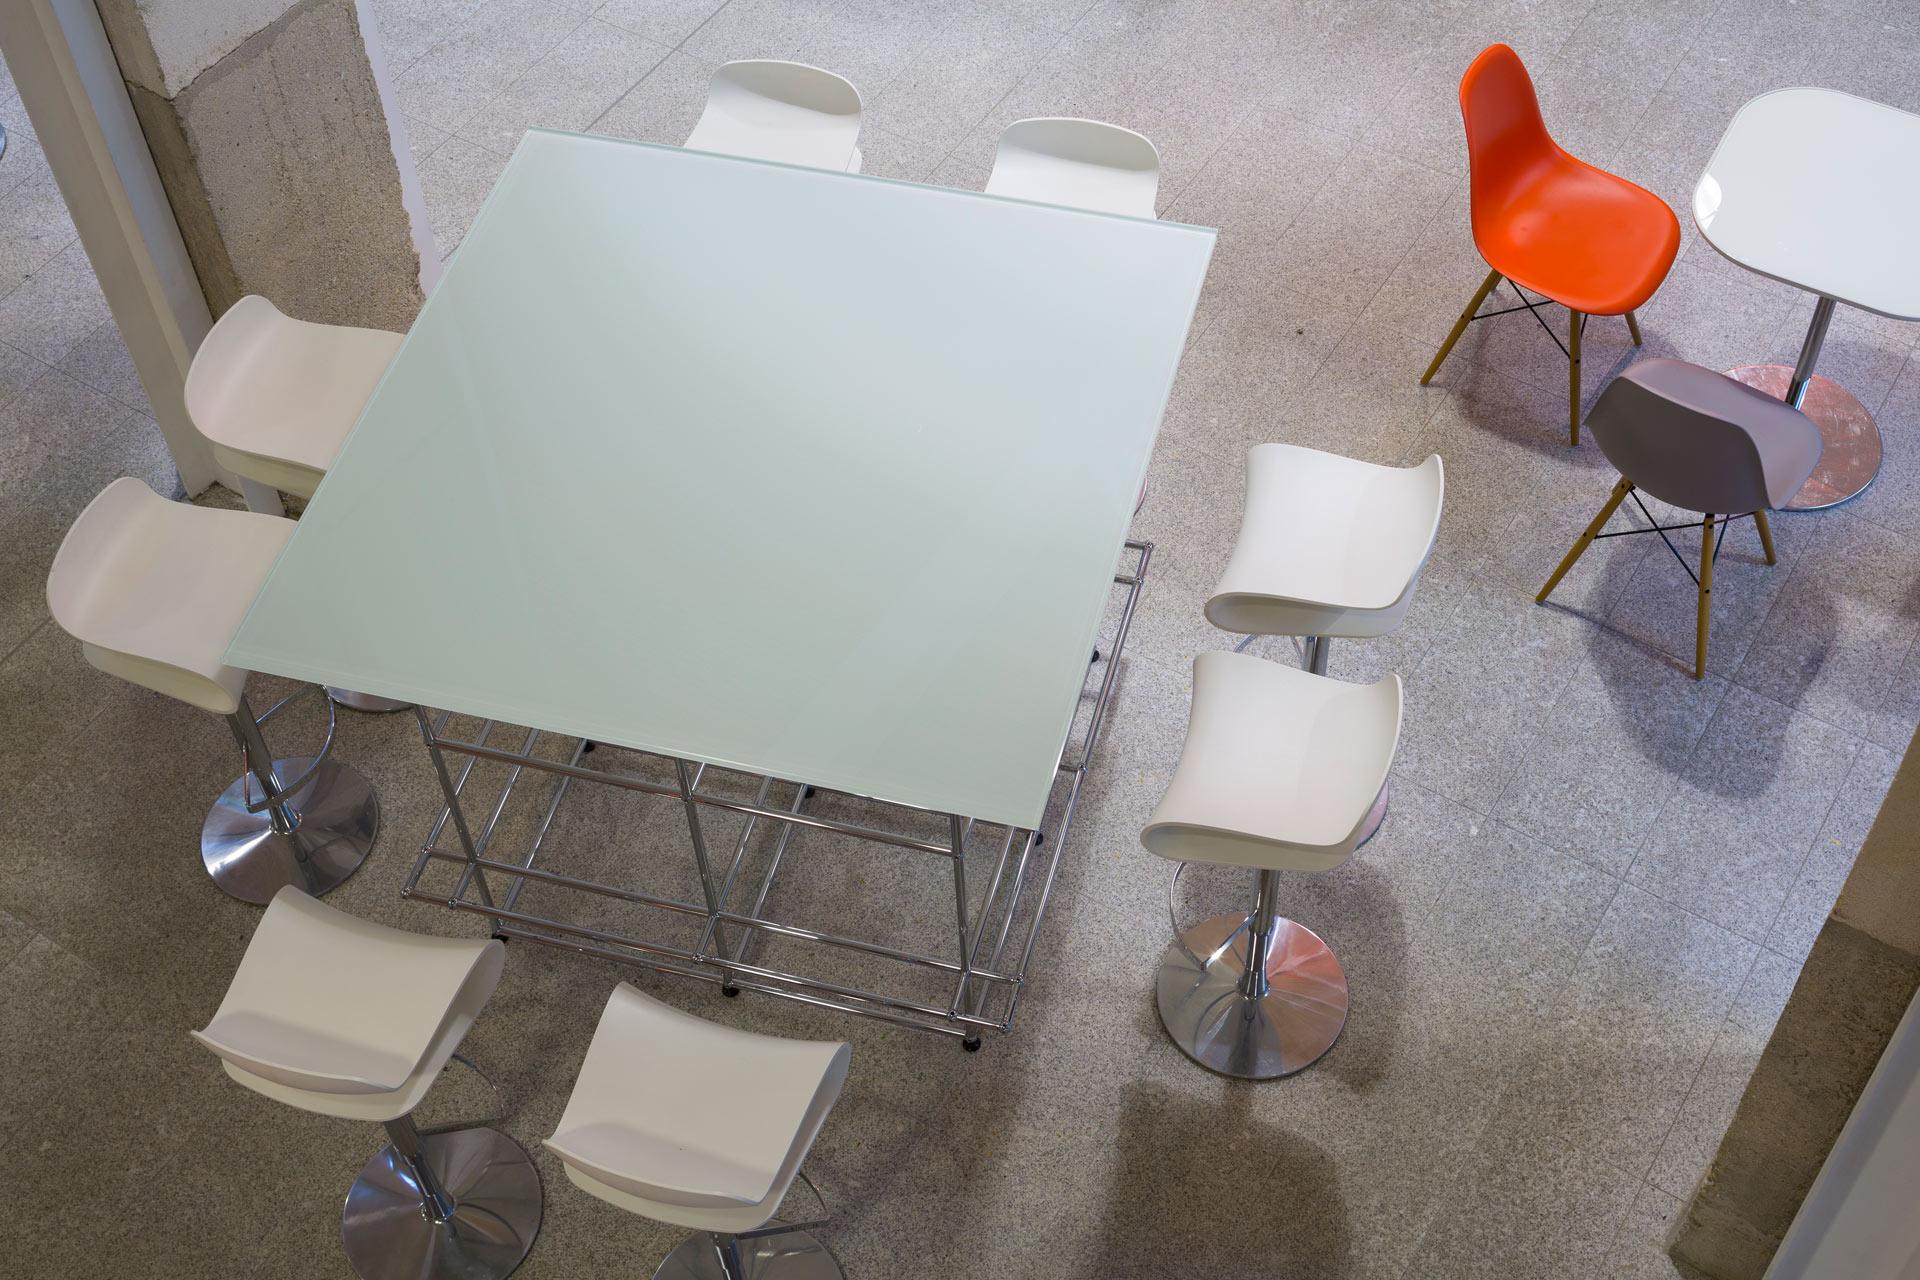 Le mobilier de bureau peut influencer la productivité